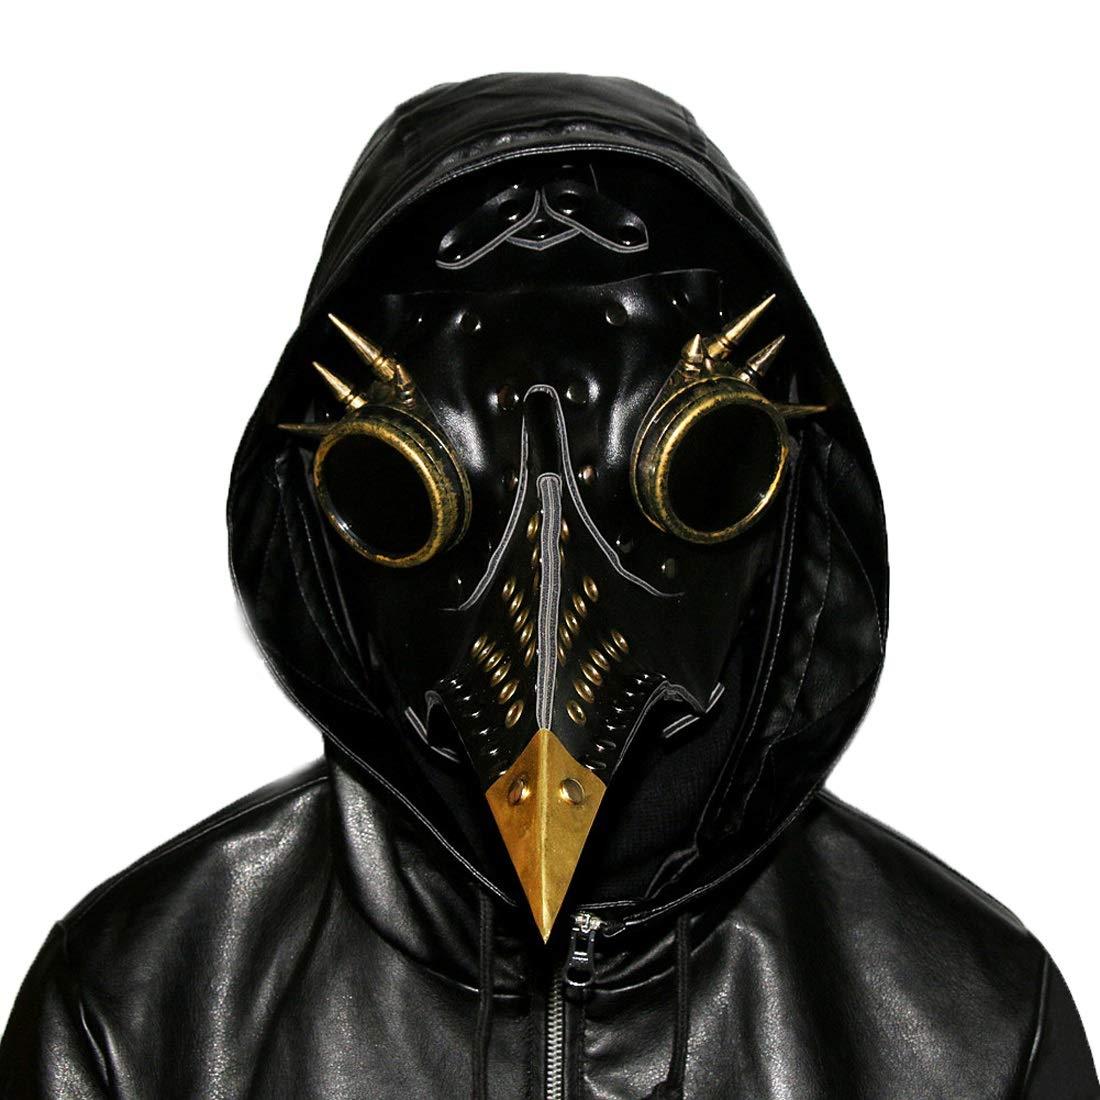 KERVINFENDRIYUN YY4 Vintage Rivet Long Nose Nose Nose Vogel Maske Schnabel mittelalterlichen Steampunk Halloween Party Maskerade Kostüm Requisiten 3 Farben erhältlich 4a7ea2